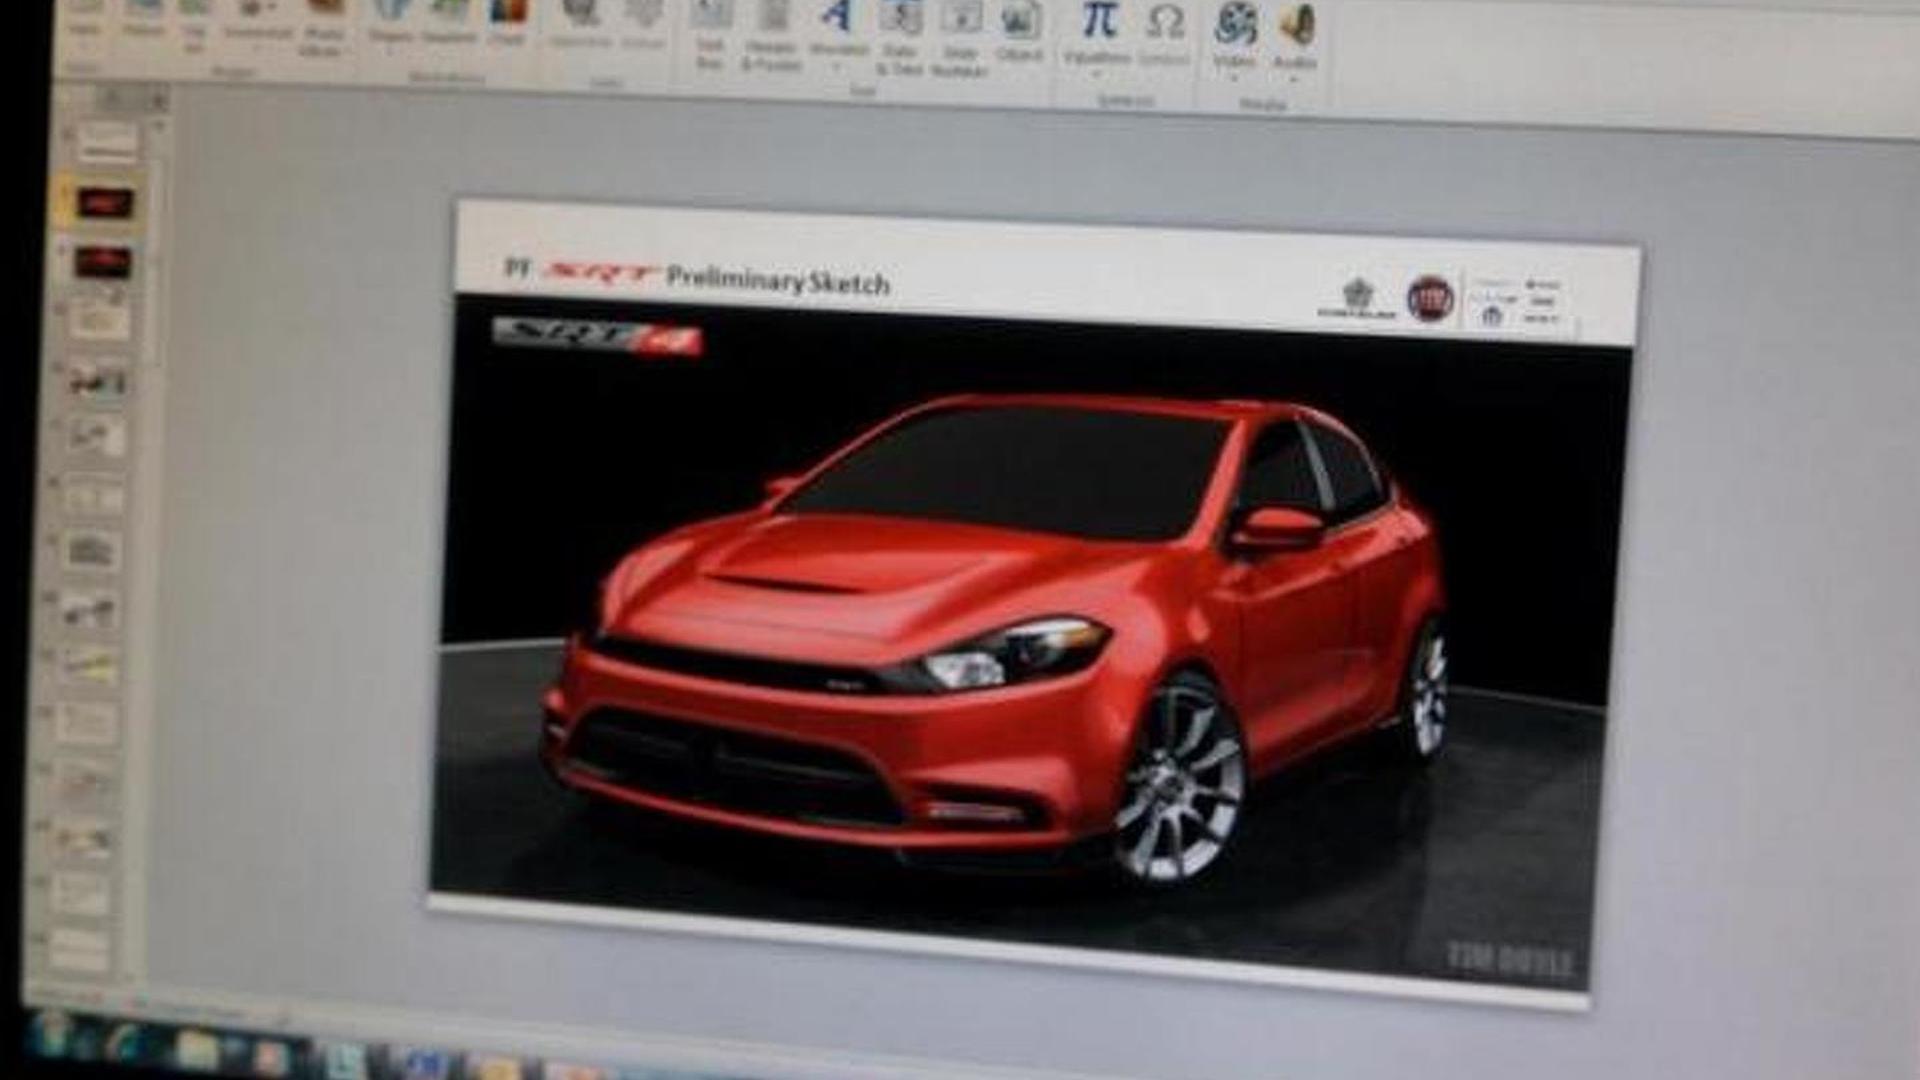 Dodge Dart Srt4 >> 2014 Dodge Dart Srt4 Preliminary Sketch Leaked